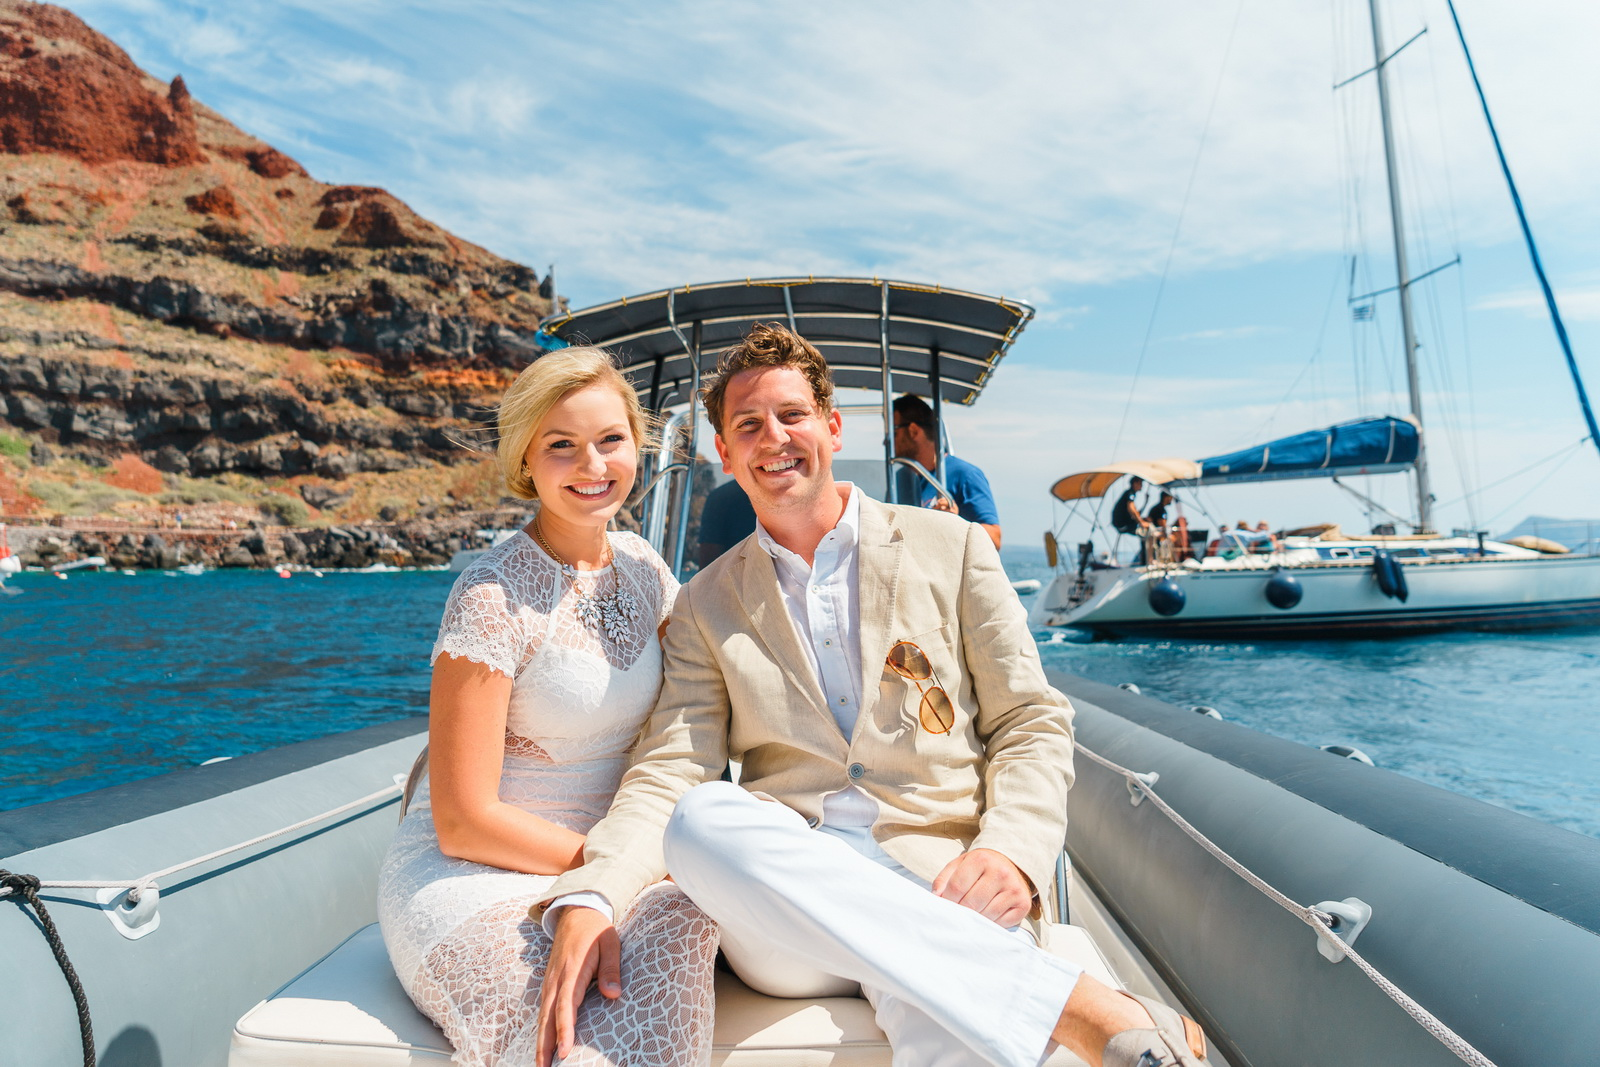 Аренда яхты: свадьба на санторини, свадебное агентство Julia Veselova - Фото 1